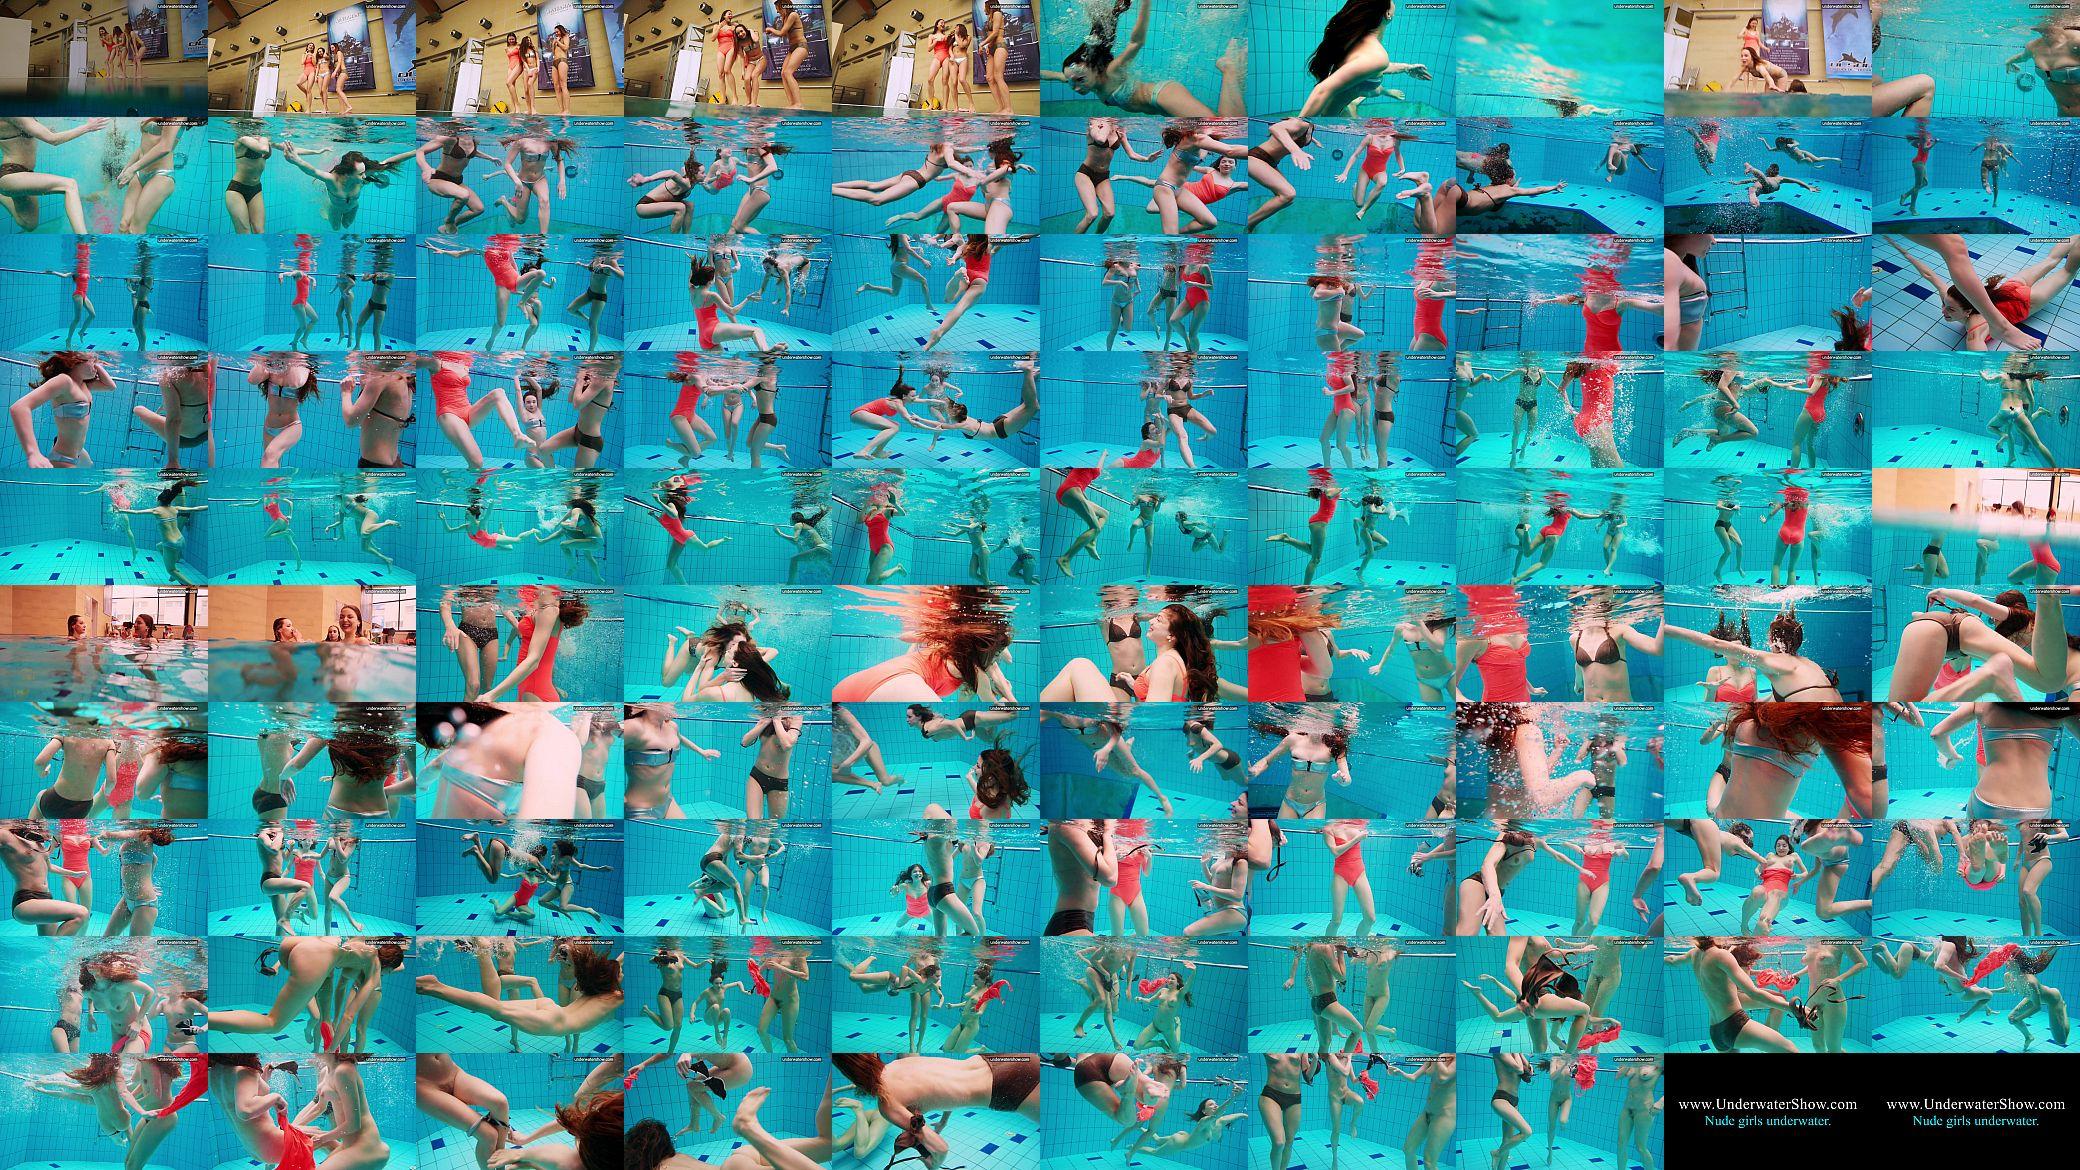 Underwater lesbian naked girls